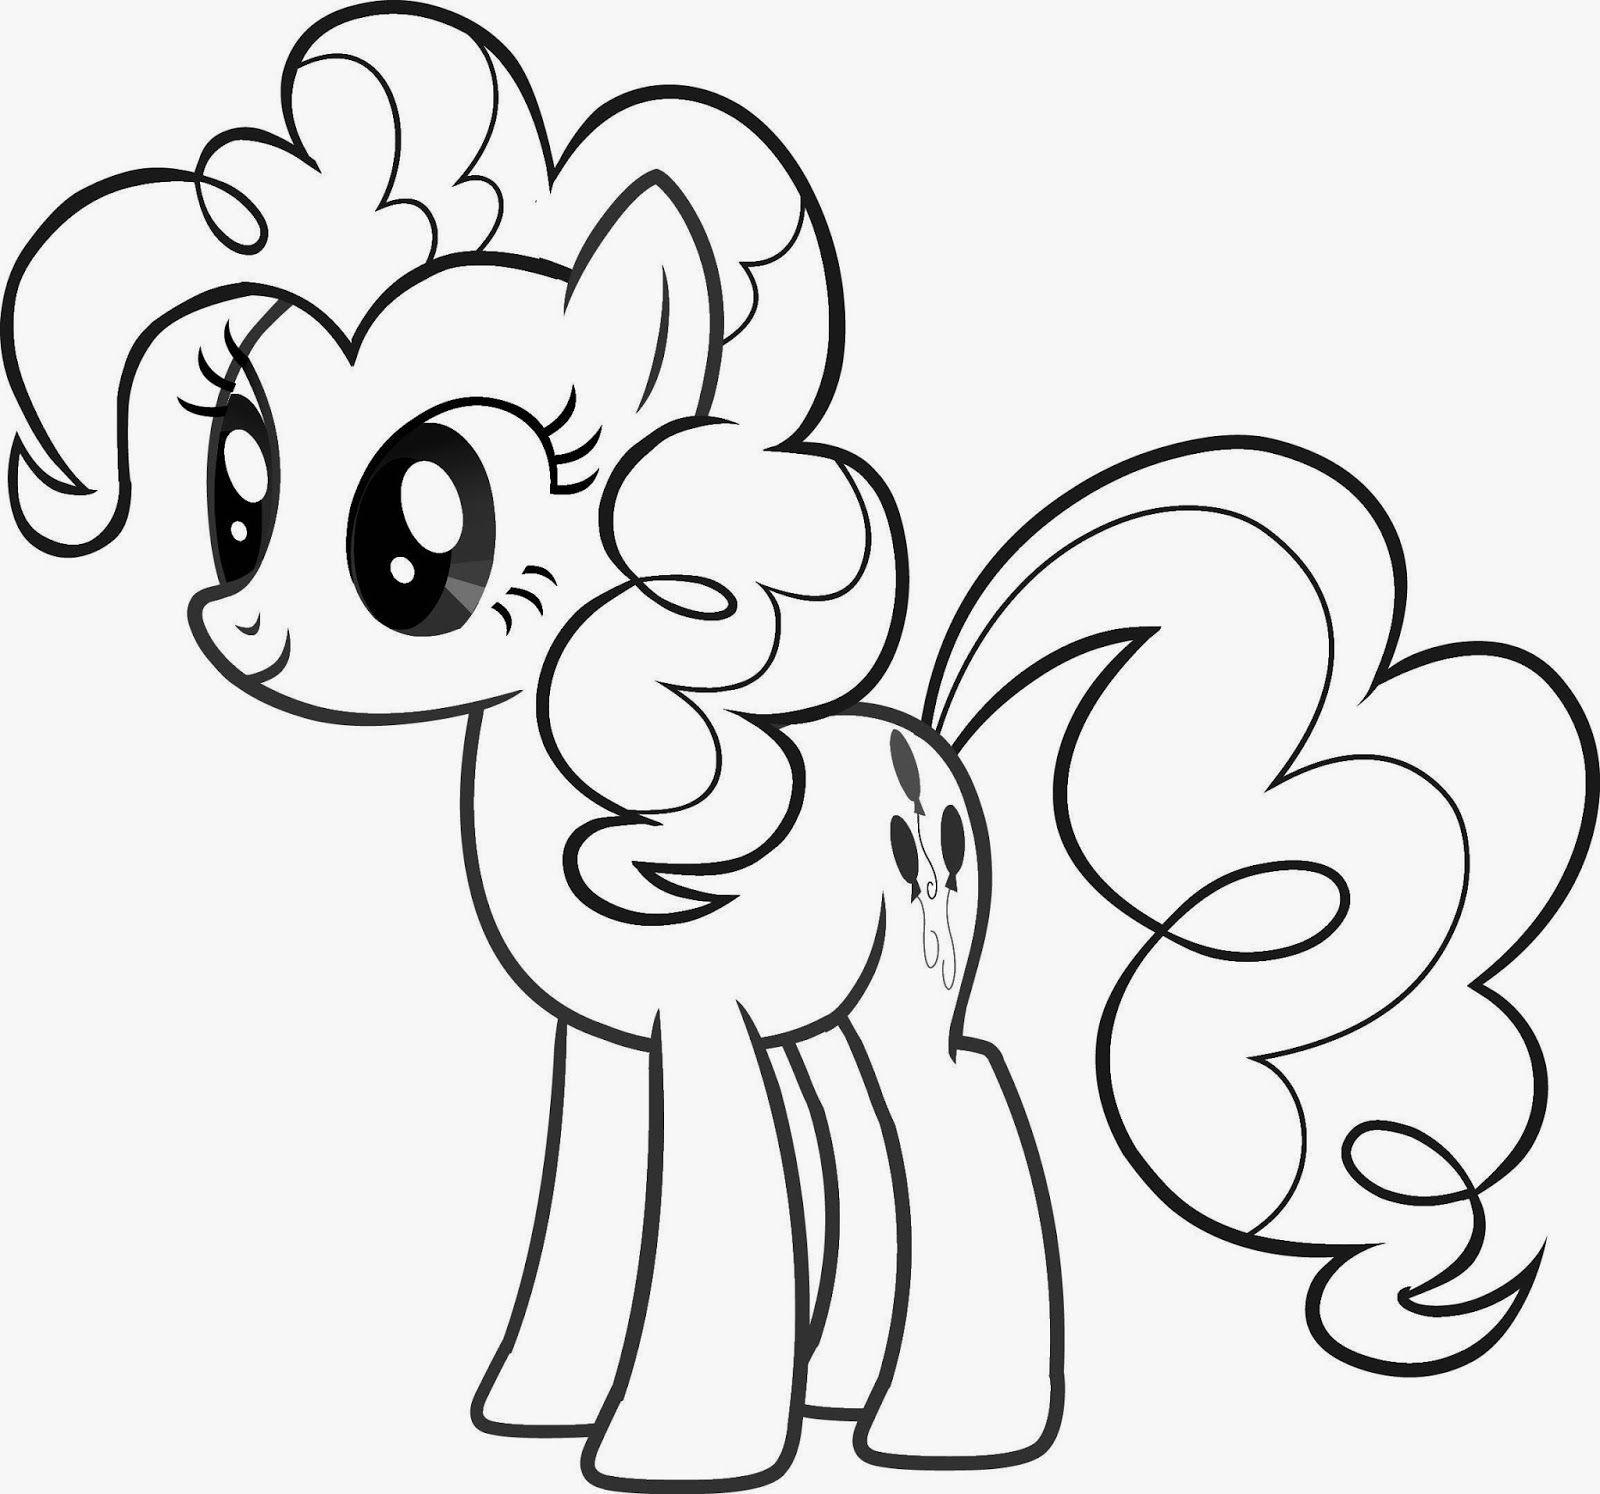 Schöne Ausmalbilder Disney : Pin Von Sweet Pea Auf My Little Ponies Pinterest